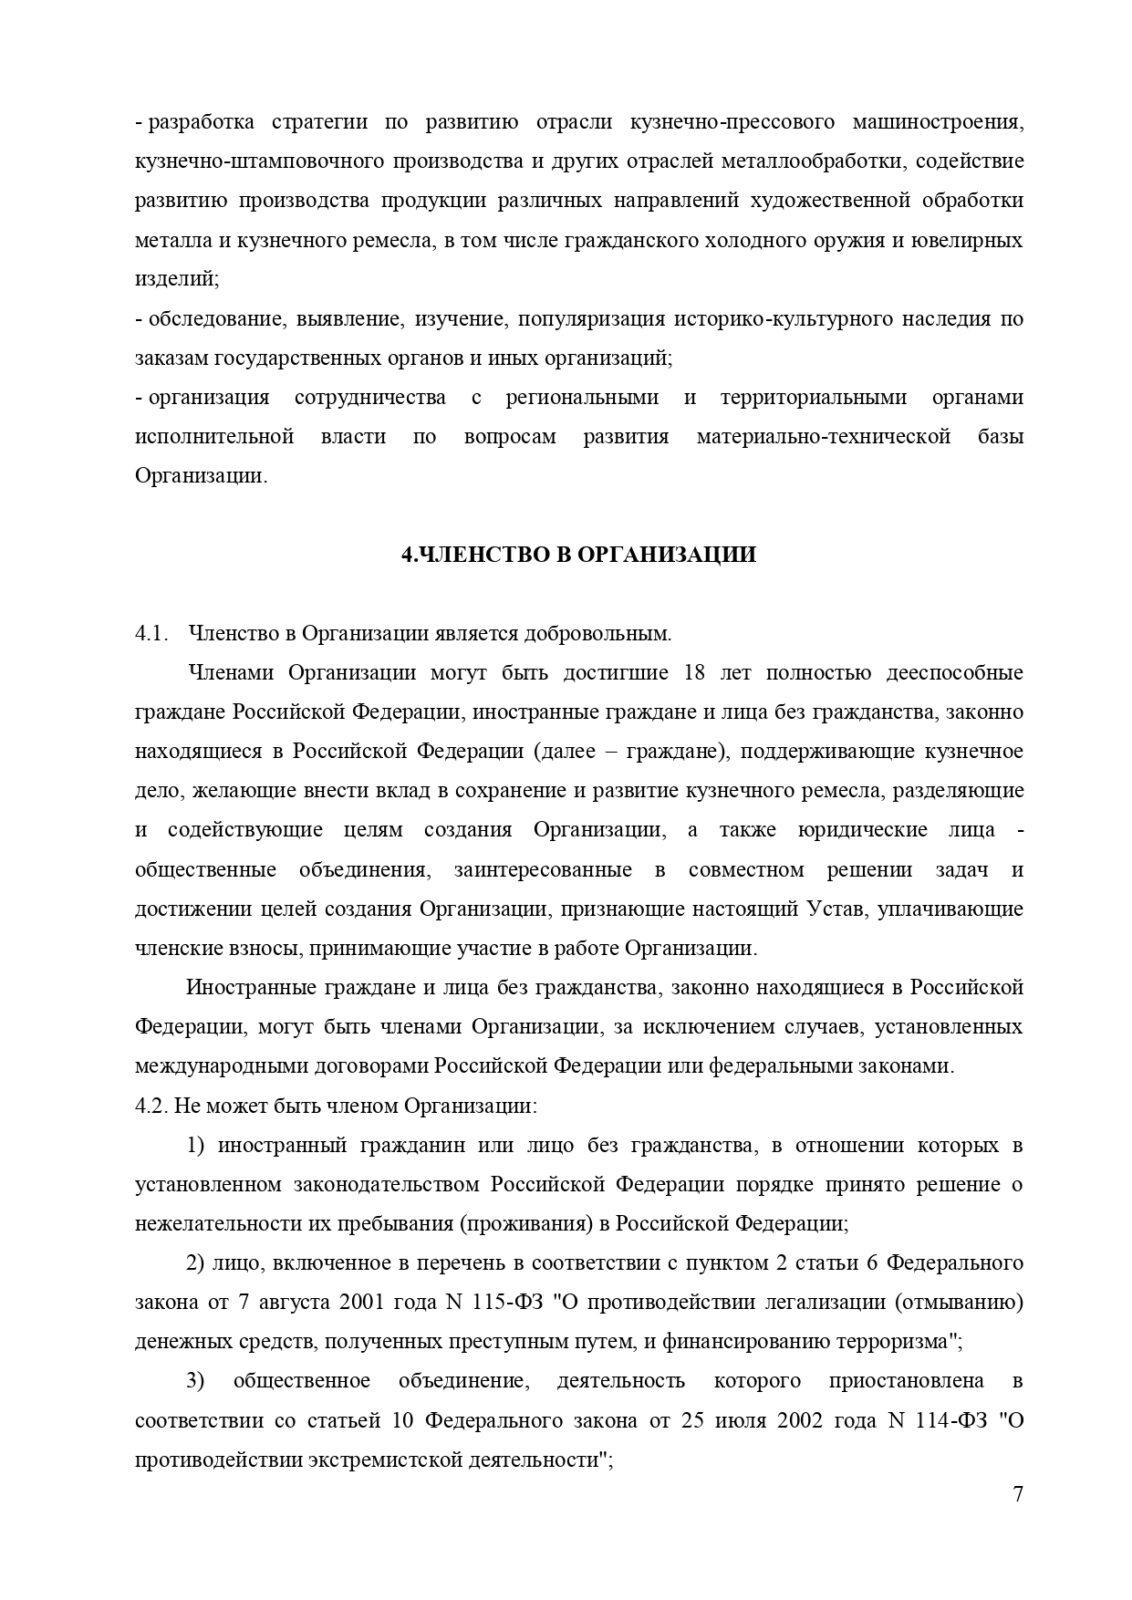 ustav_GKR_page-0007